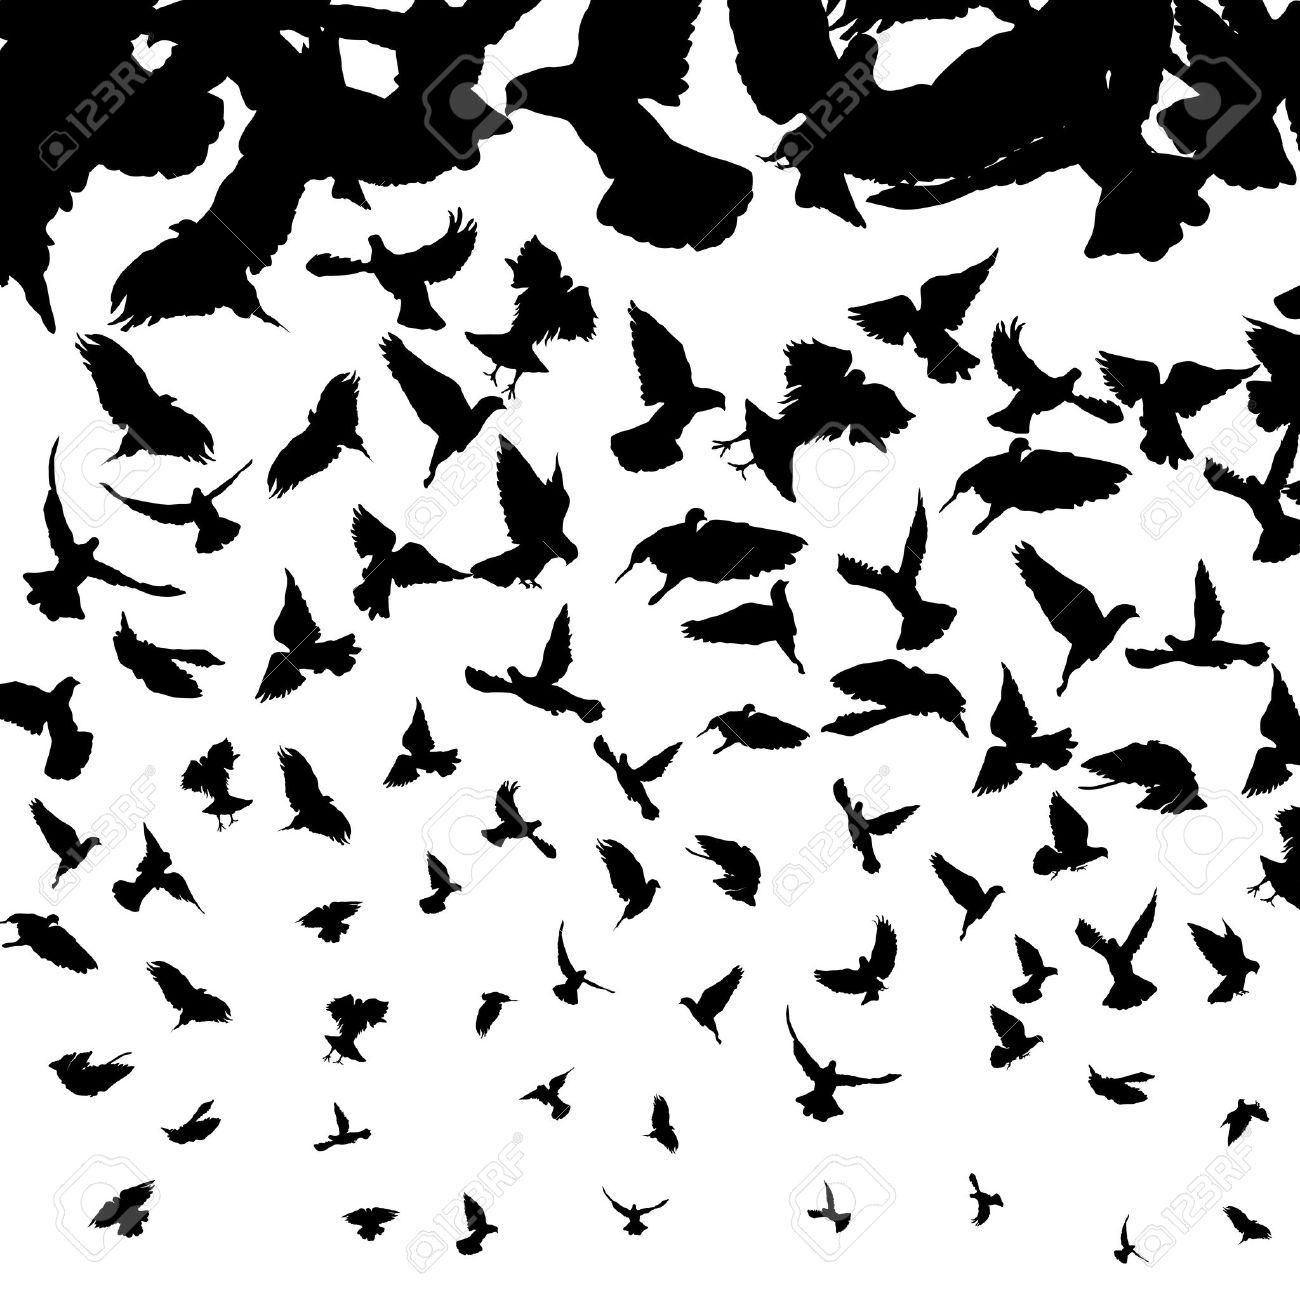 一番好き】 鳥 イラスト シルエット , 1万 + お気に入りの壁紙